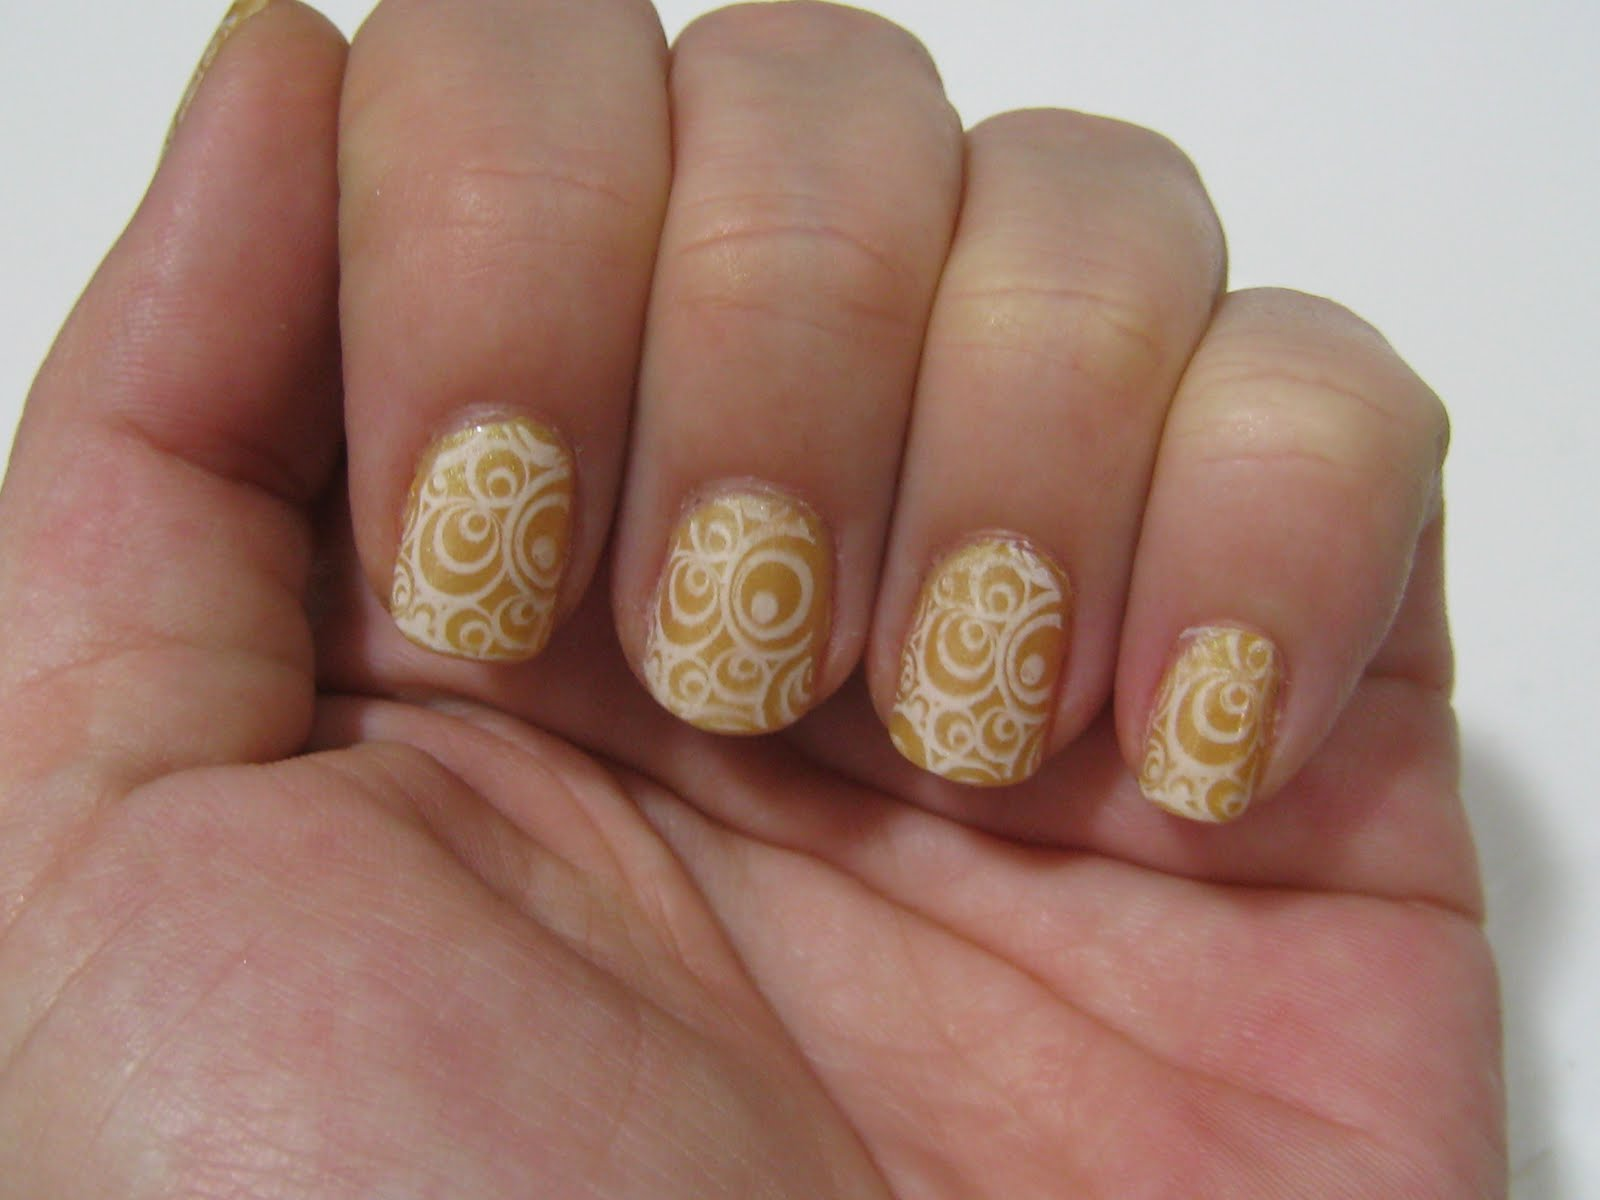 Konad Stamping Nail Art, Nail Art Design